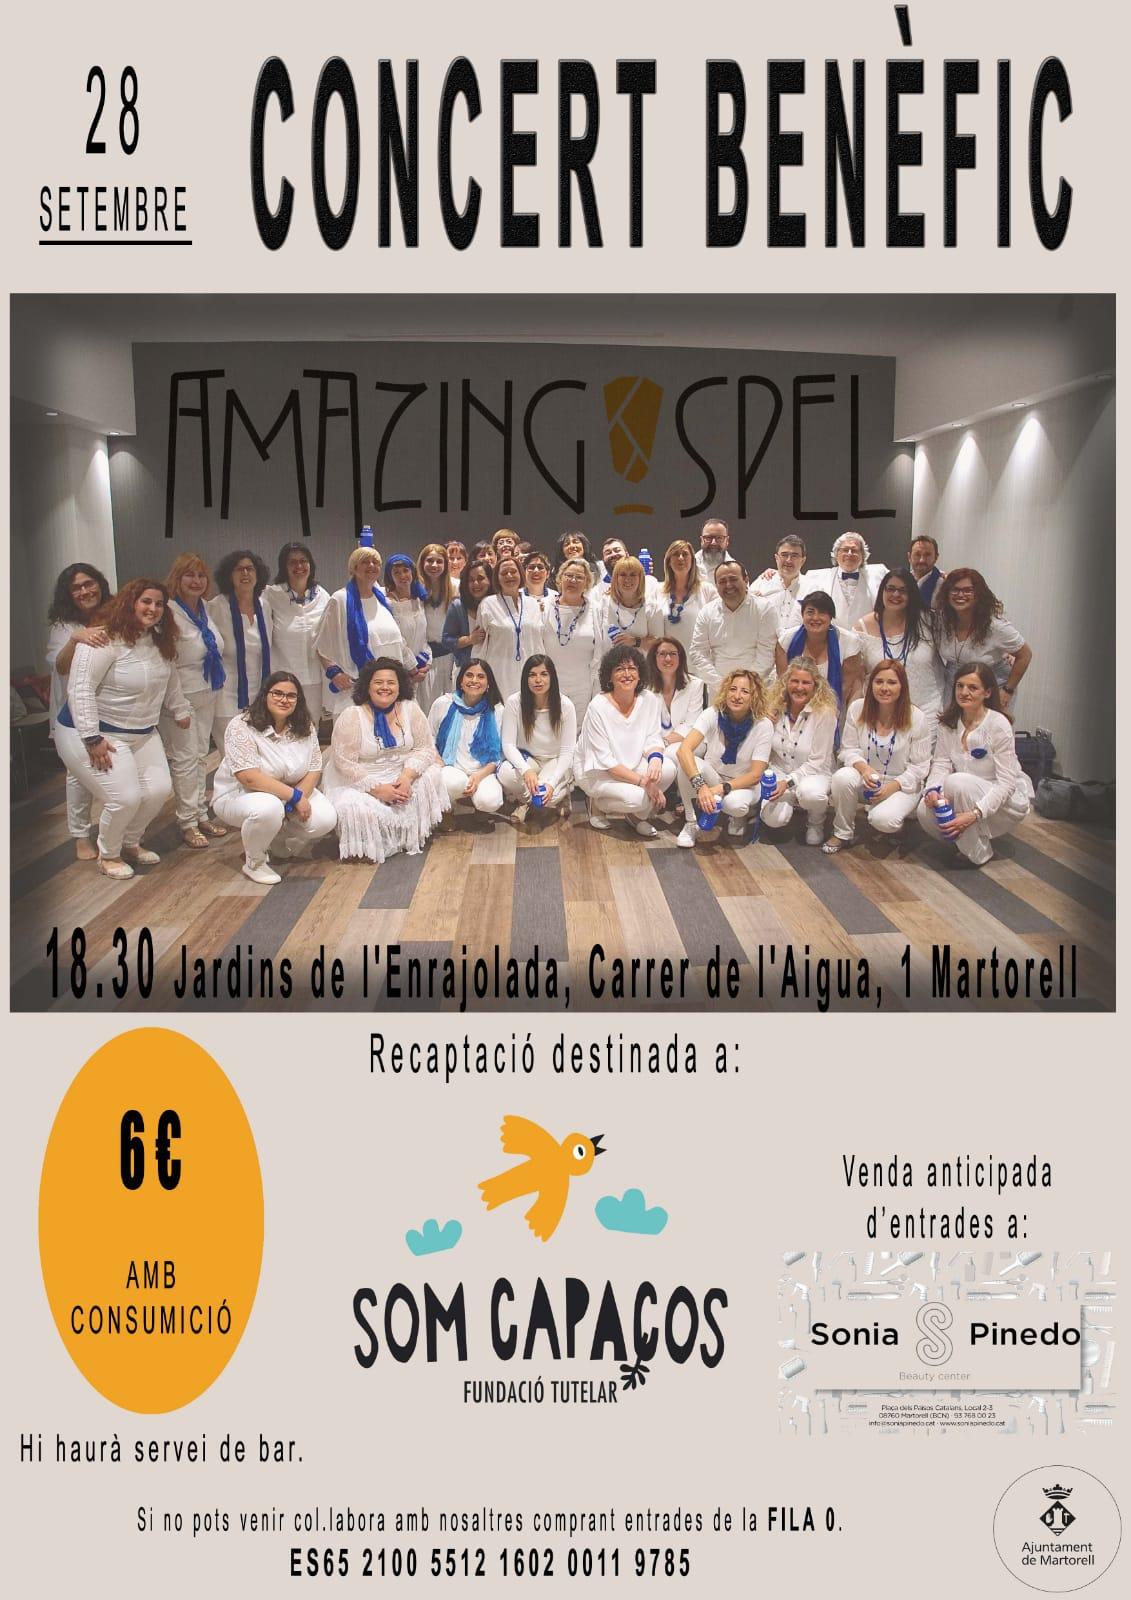 Concert Benèfic 'Amazing gospel'